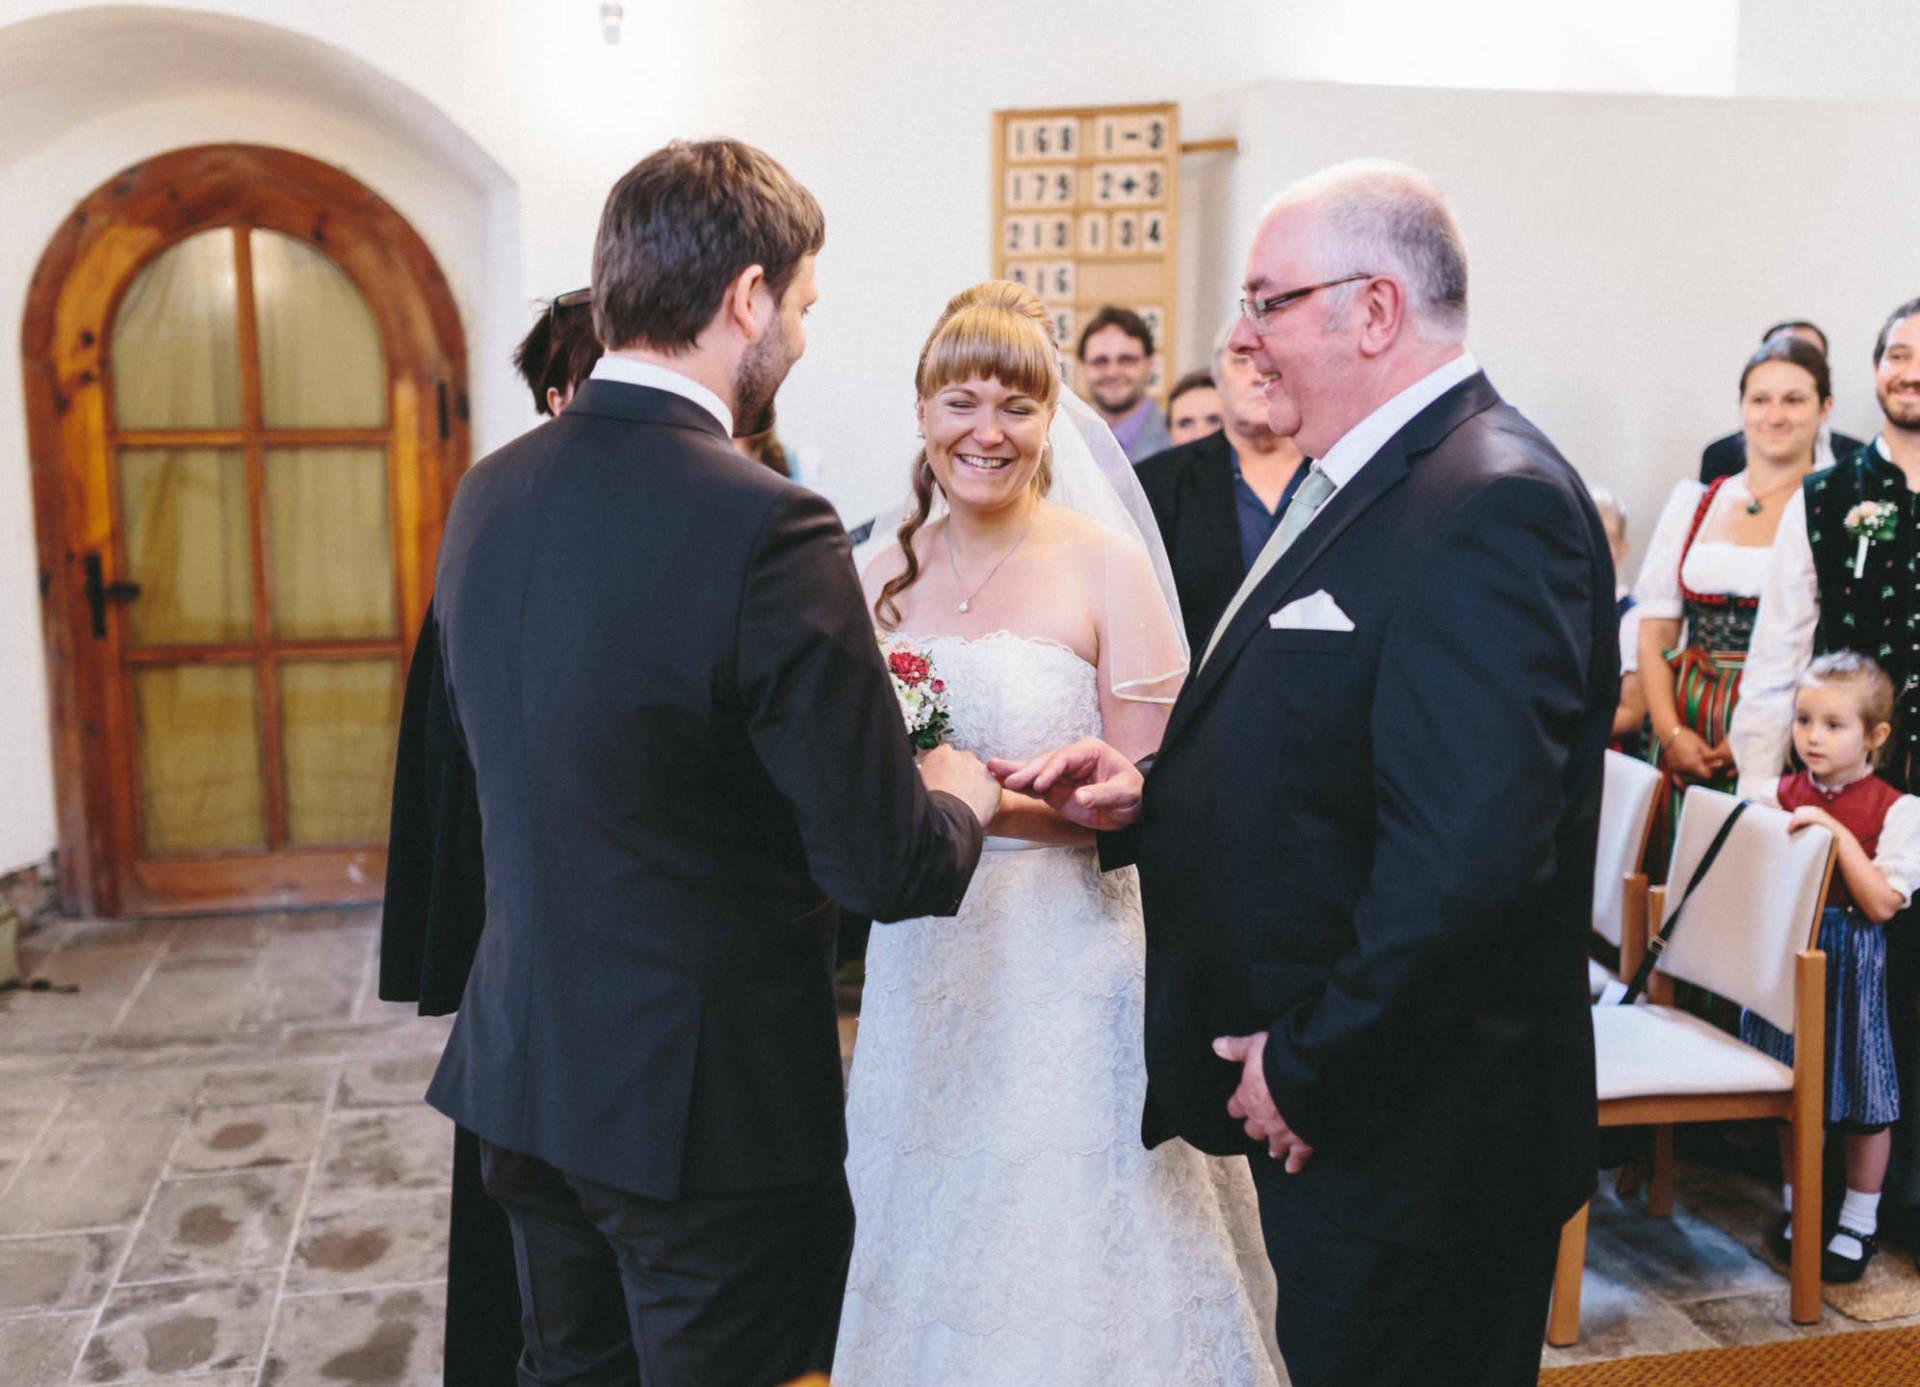 Bayrische Hochzeit 09 - Bayrische Jagdhüttenhochzeit in Thüringen